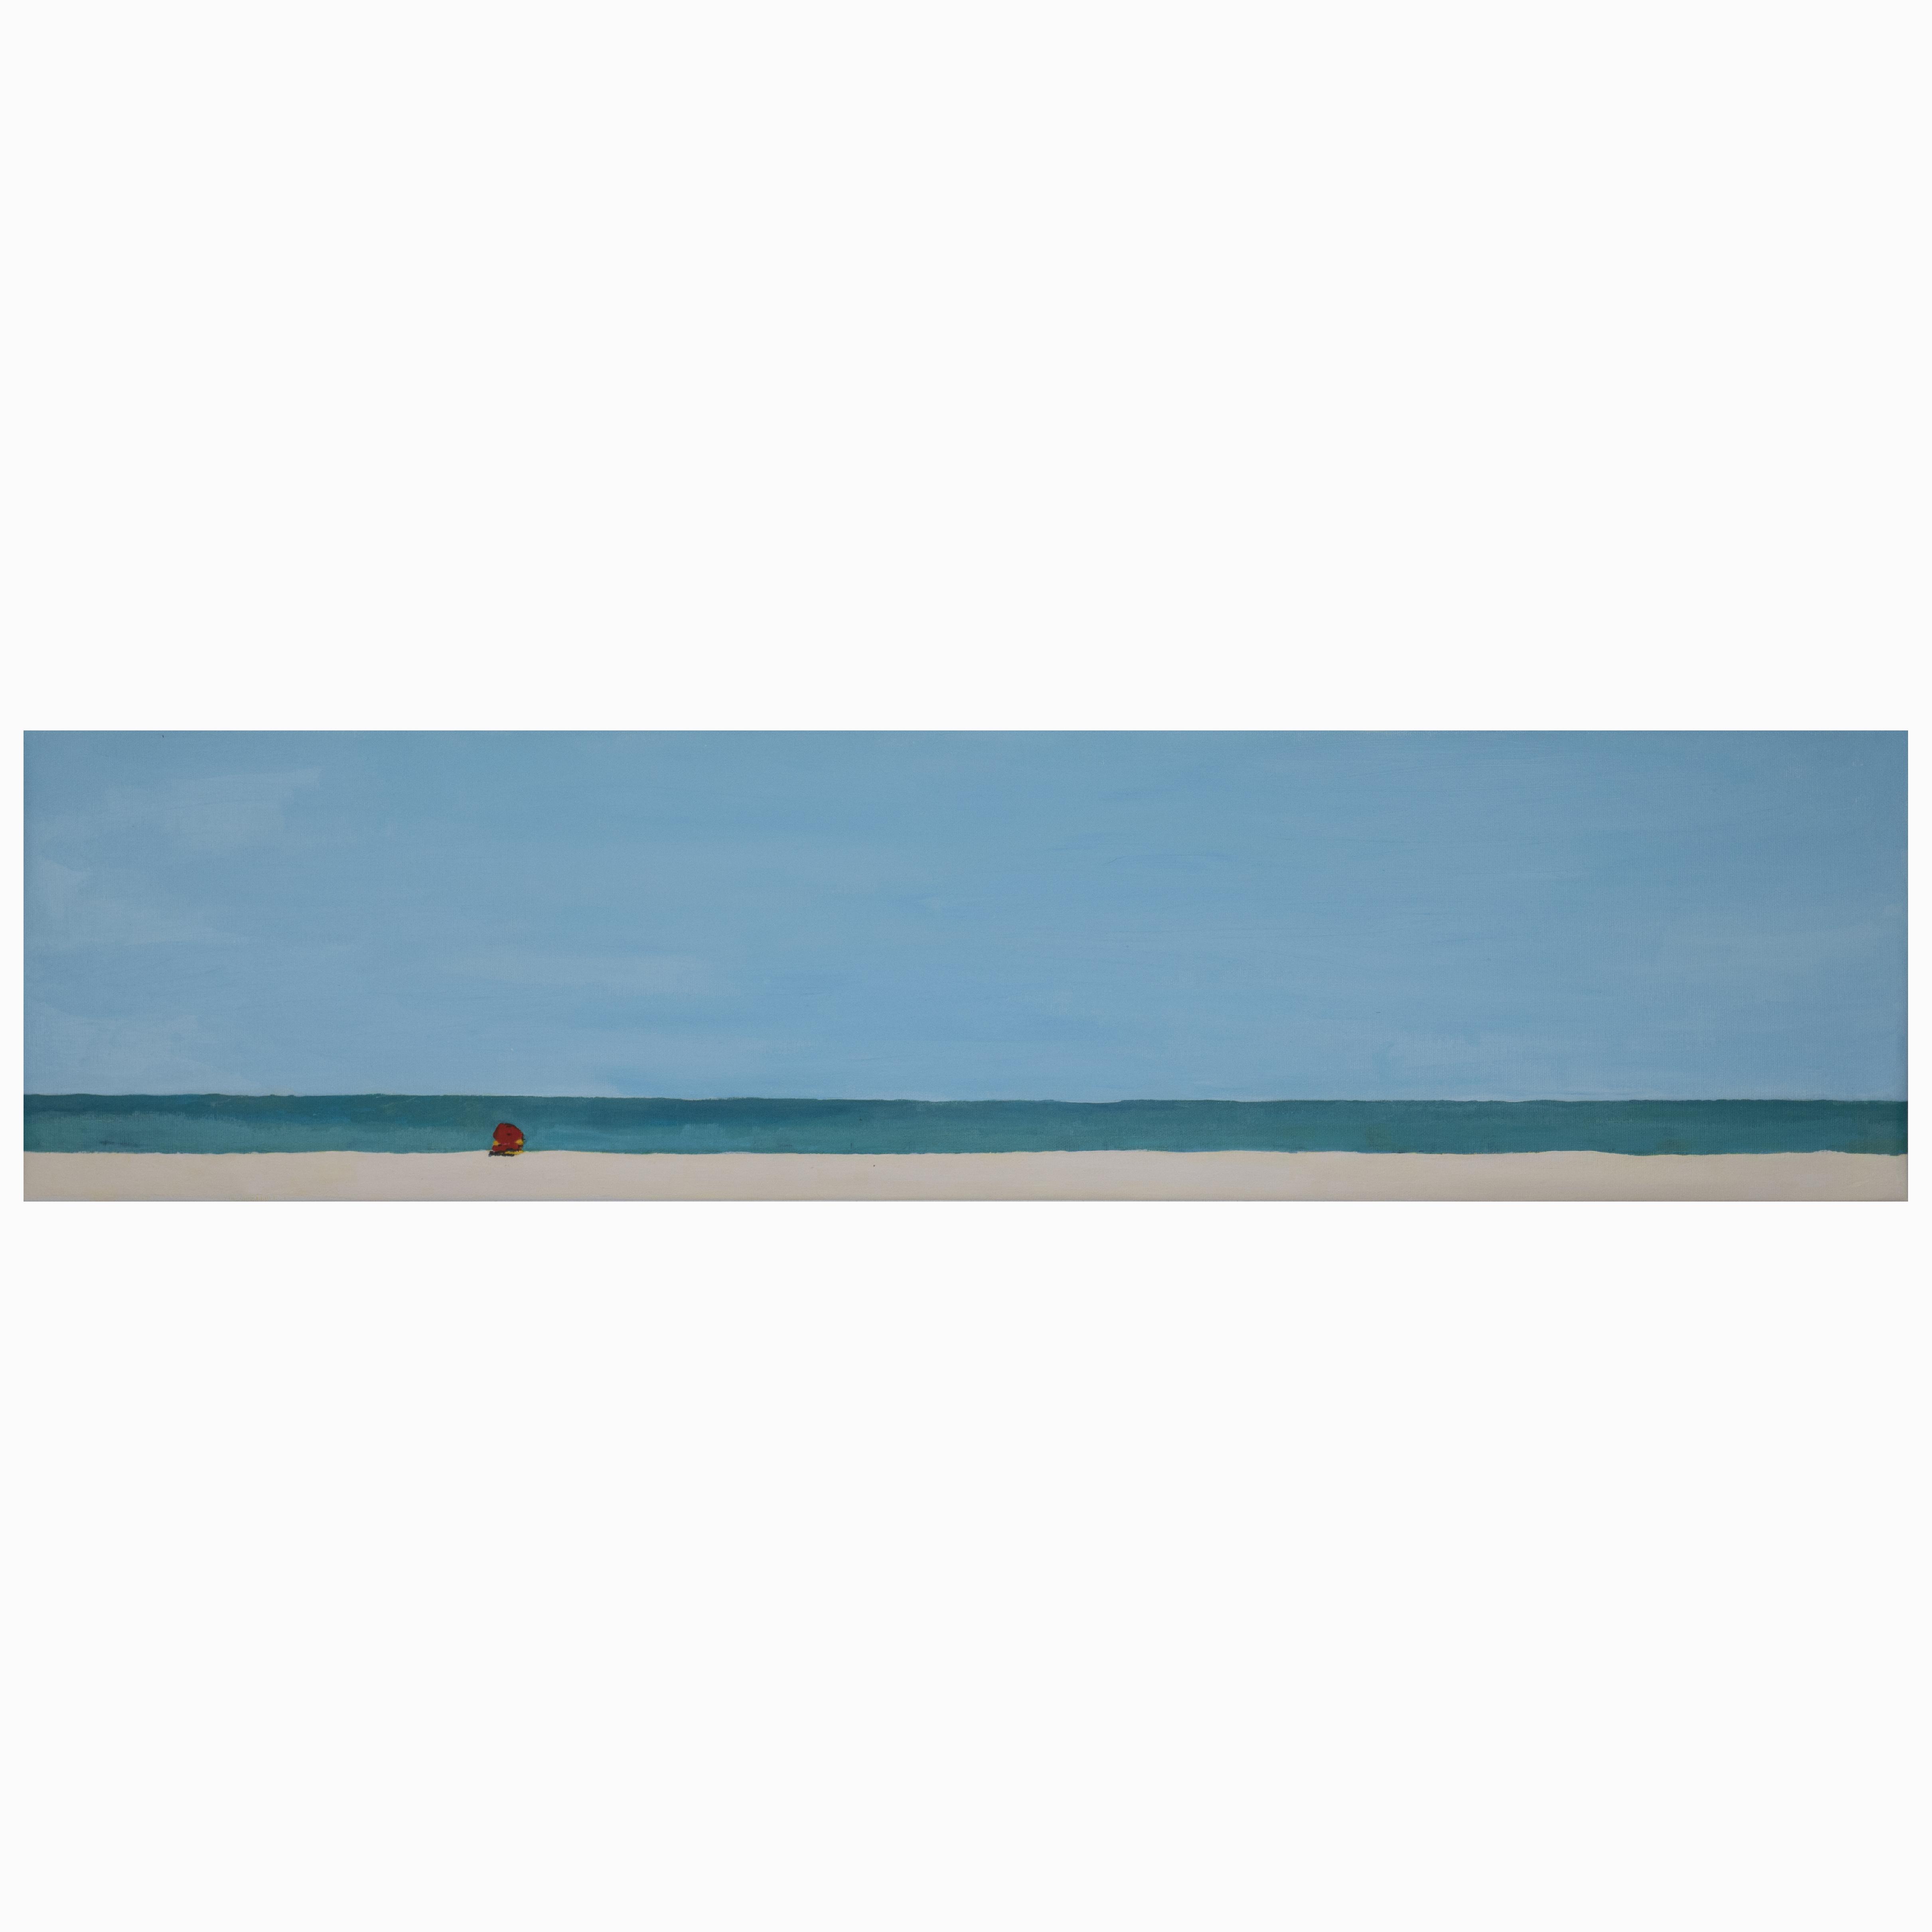 Spiaggia e macchia, 2019